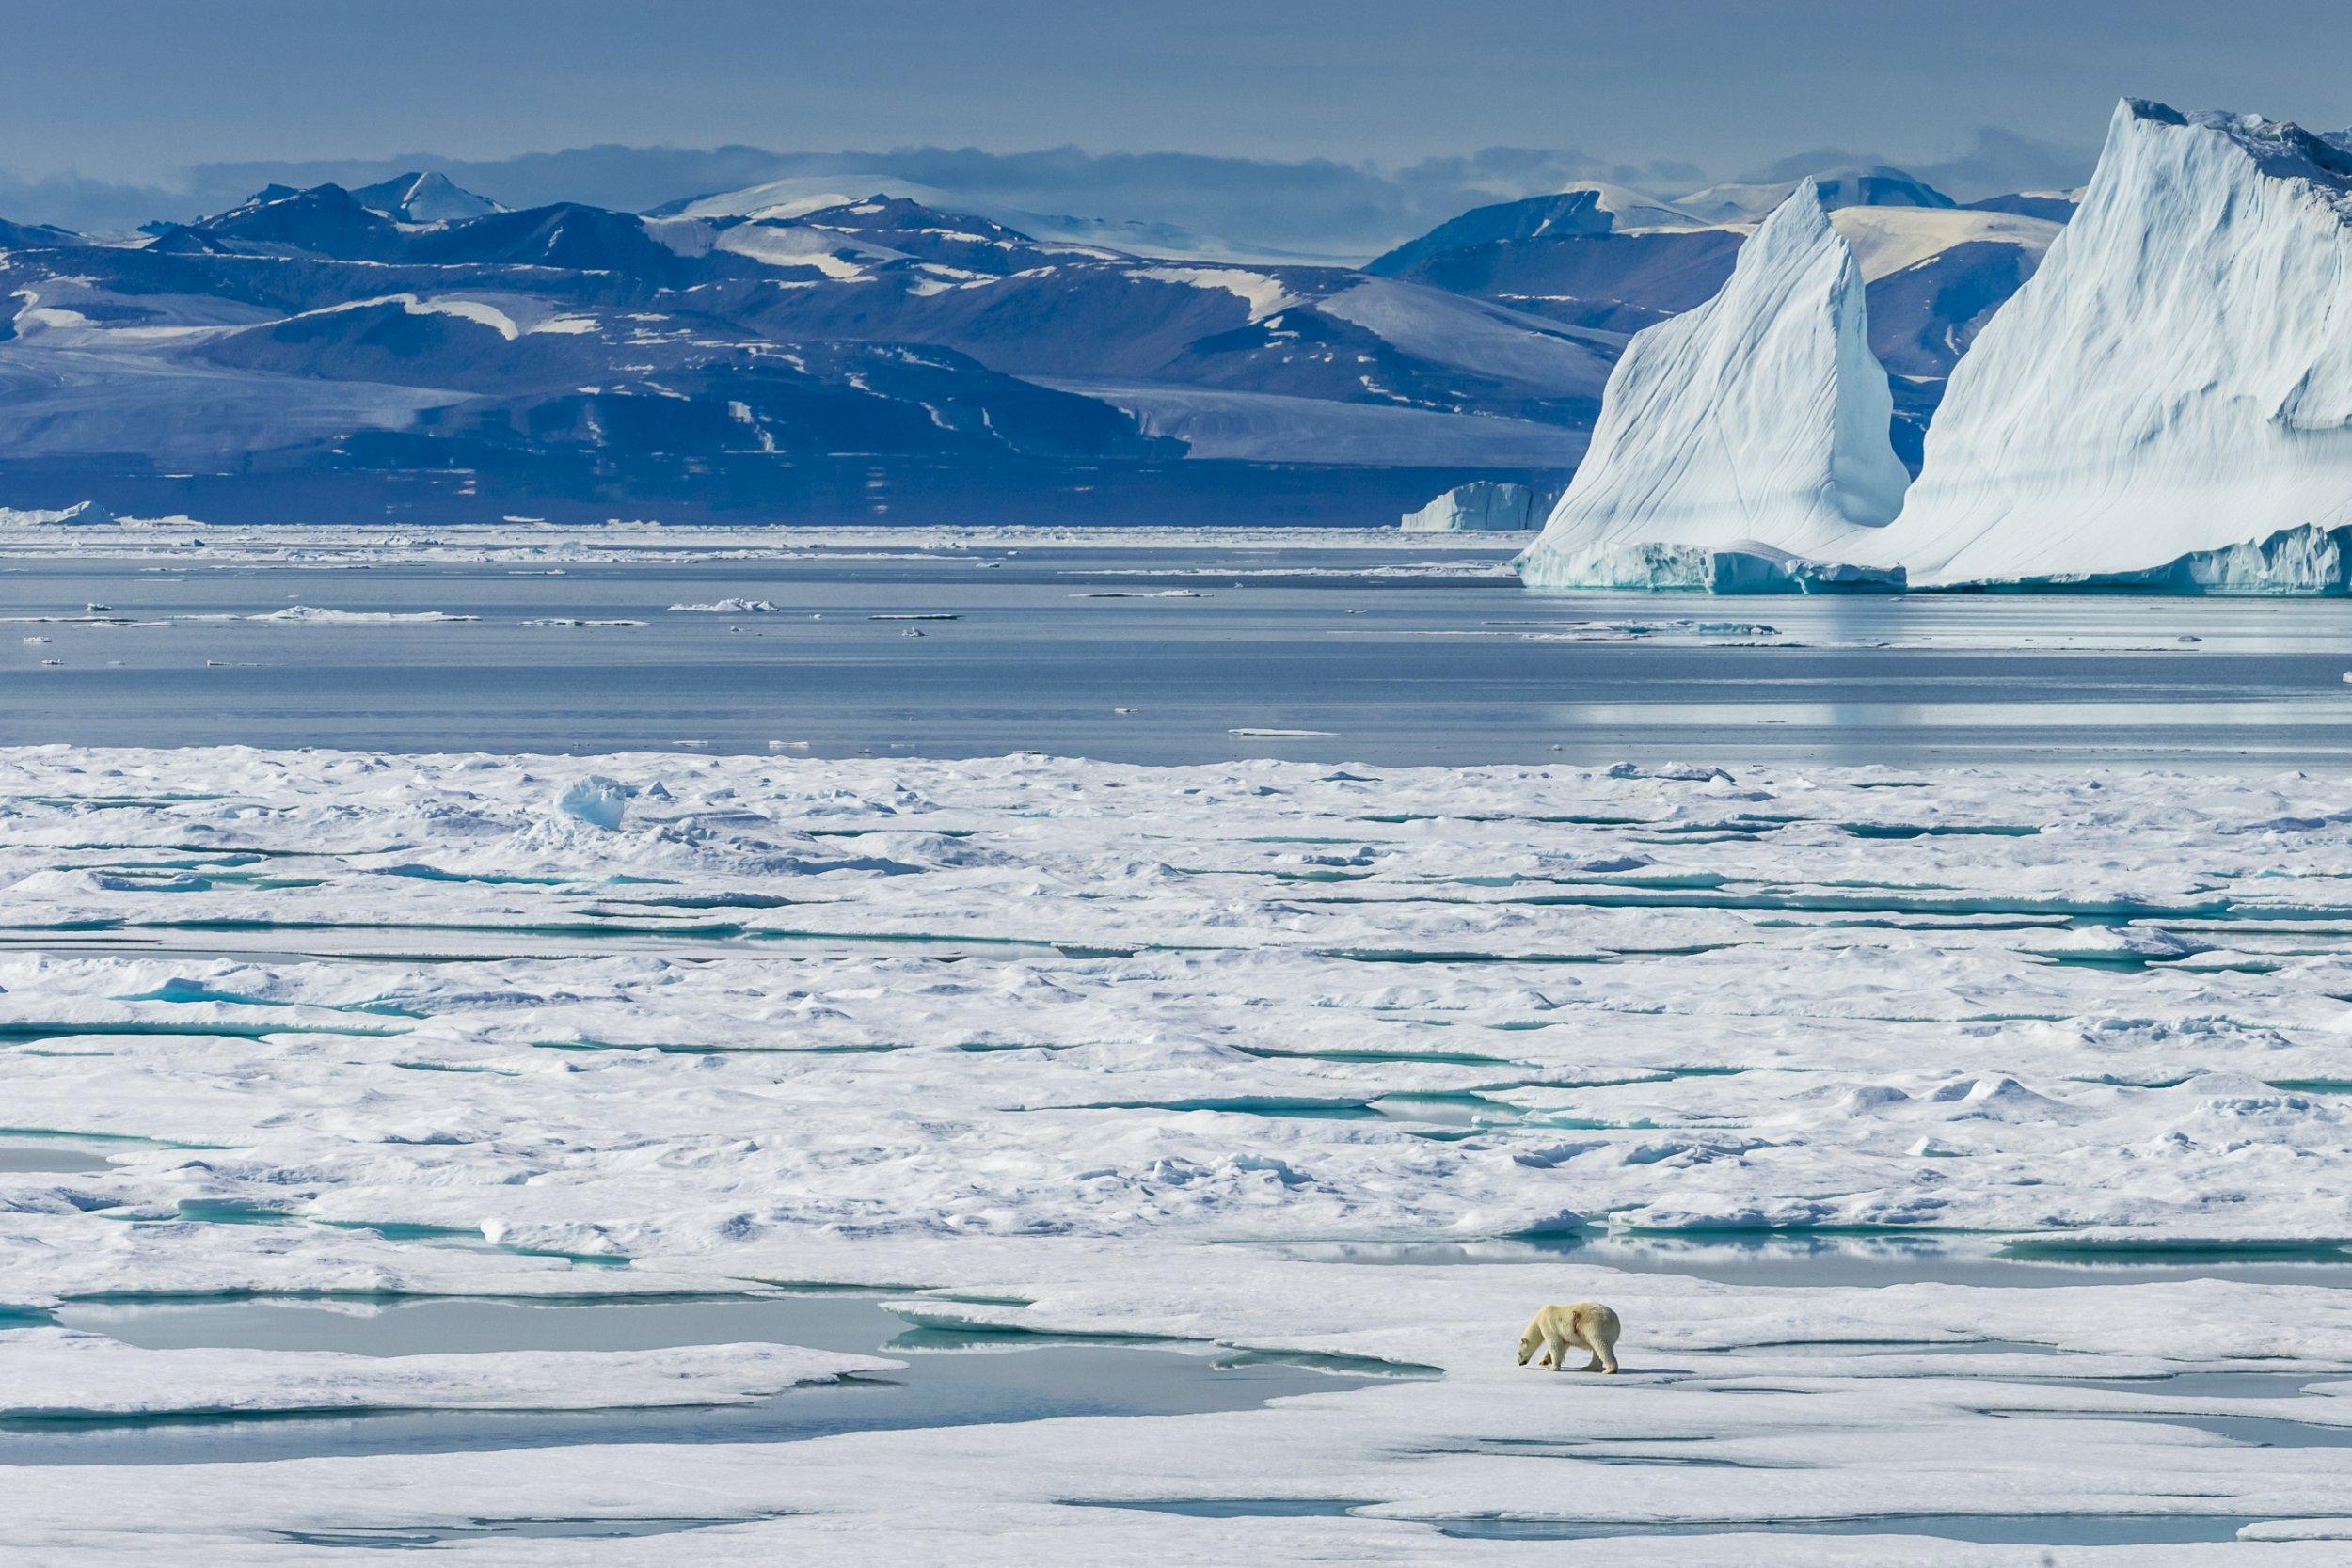 Baffin Bay, Northwest Passage, Nunavut, Canada.